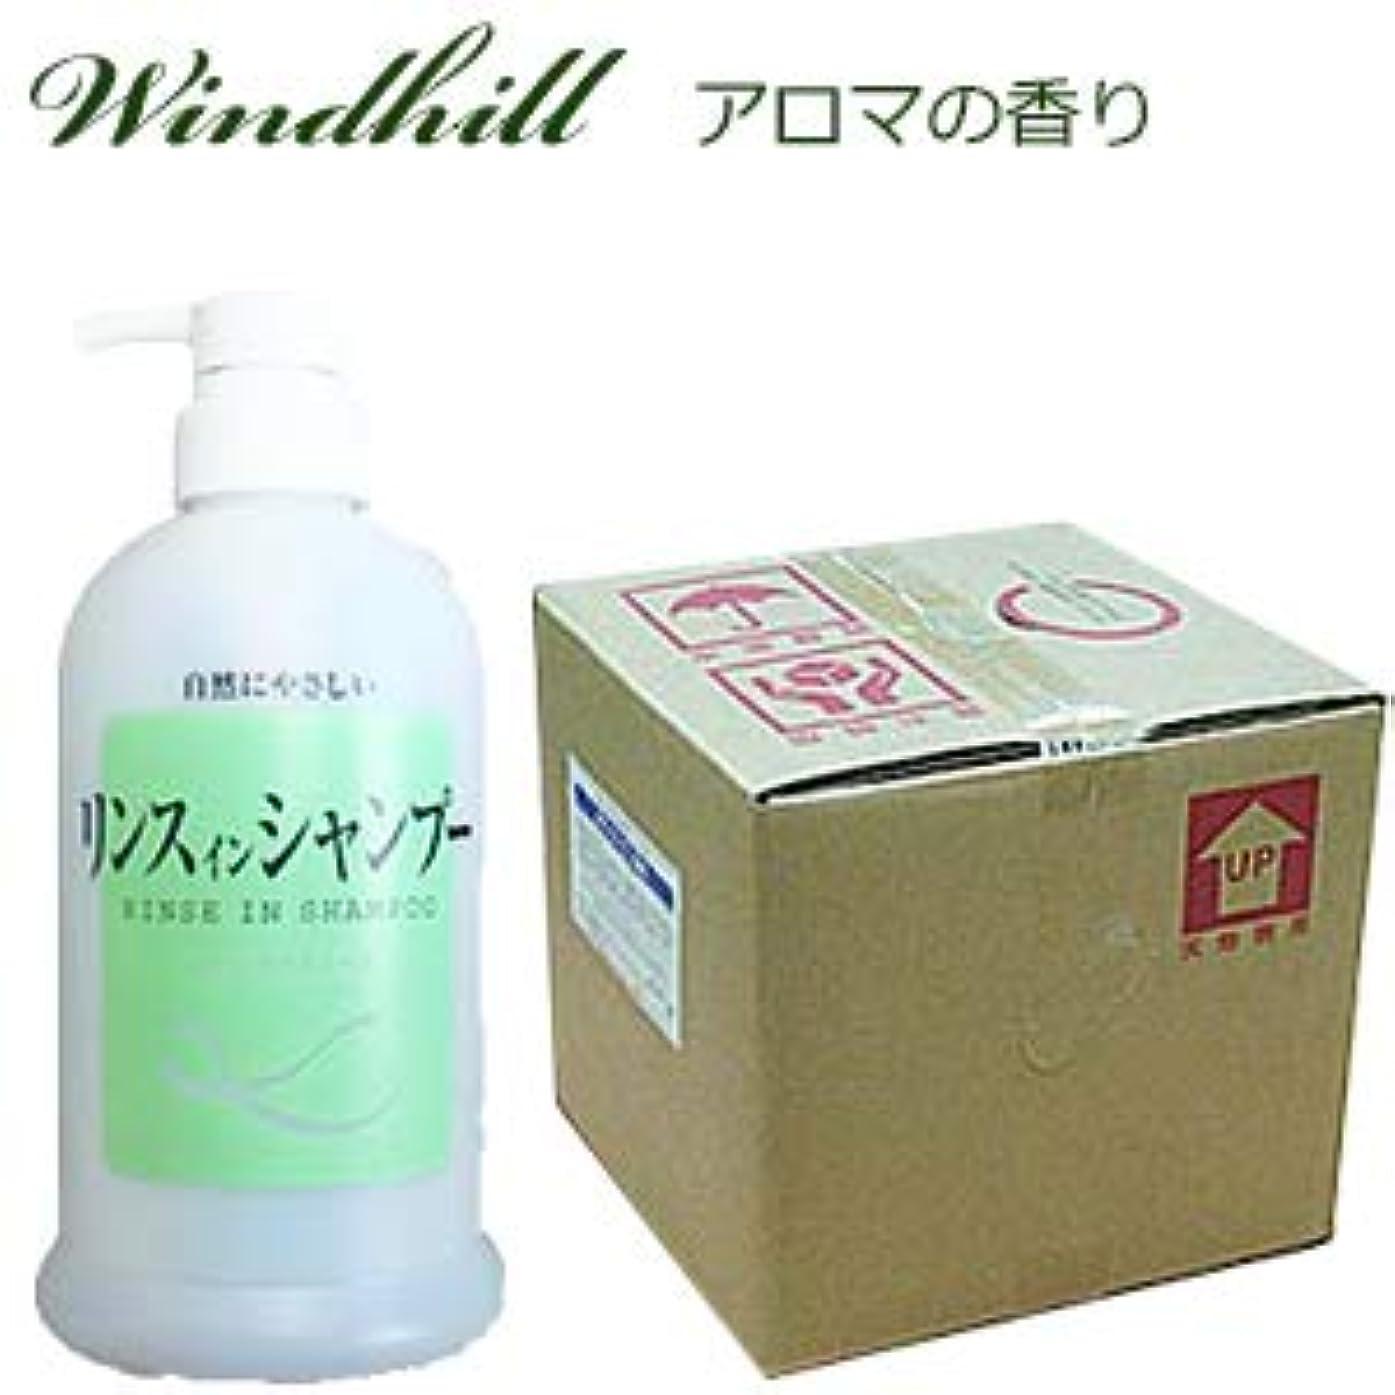 レパートリーまもなくドラフトなんと! 500ml当り188円 Windhill 植物性業務用 リンスインシャンプー 紅茶を思うアロマの香り 20L